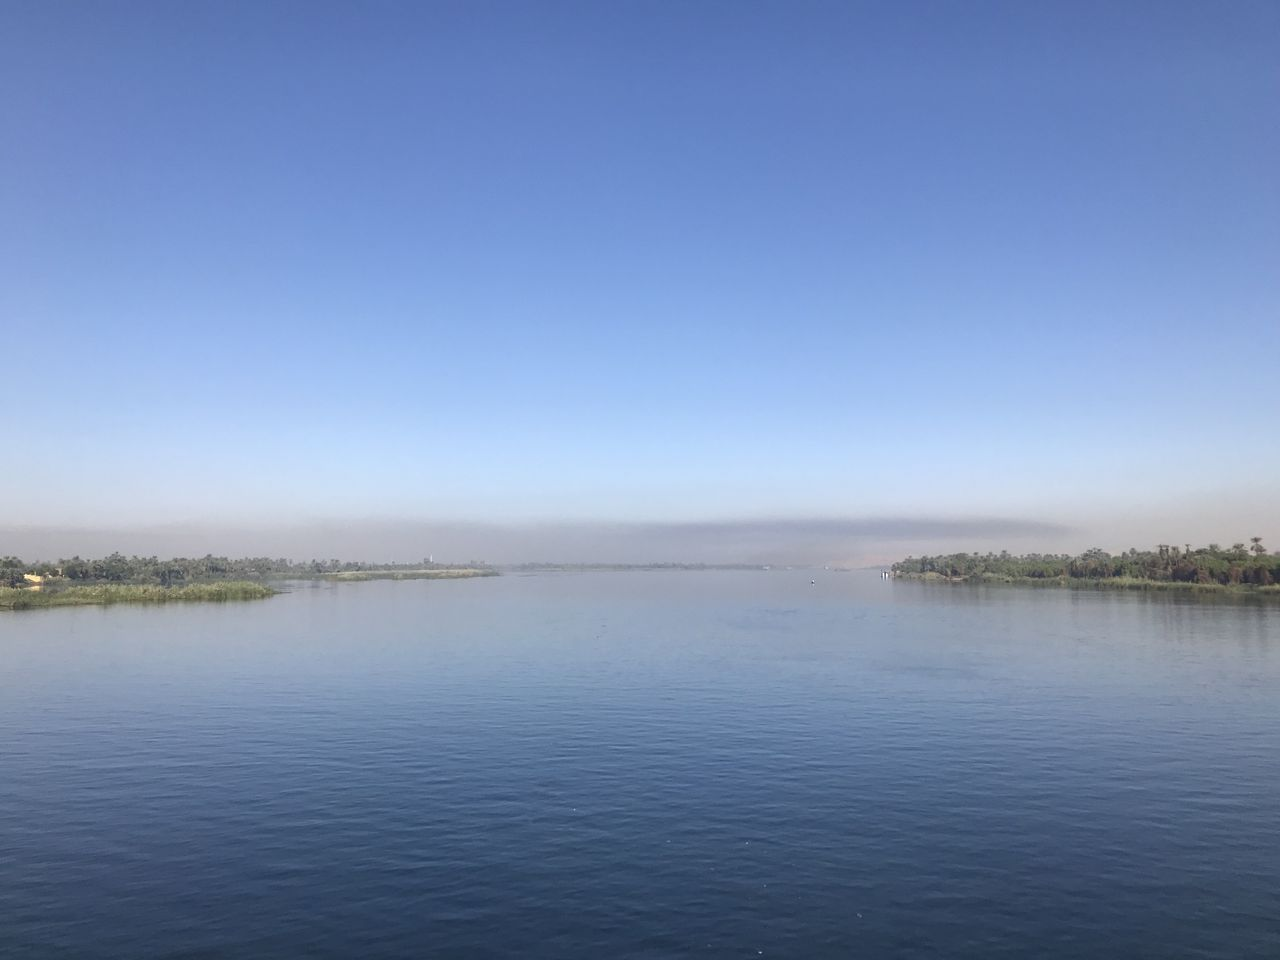 船 ナイル 川 クルーズ